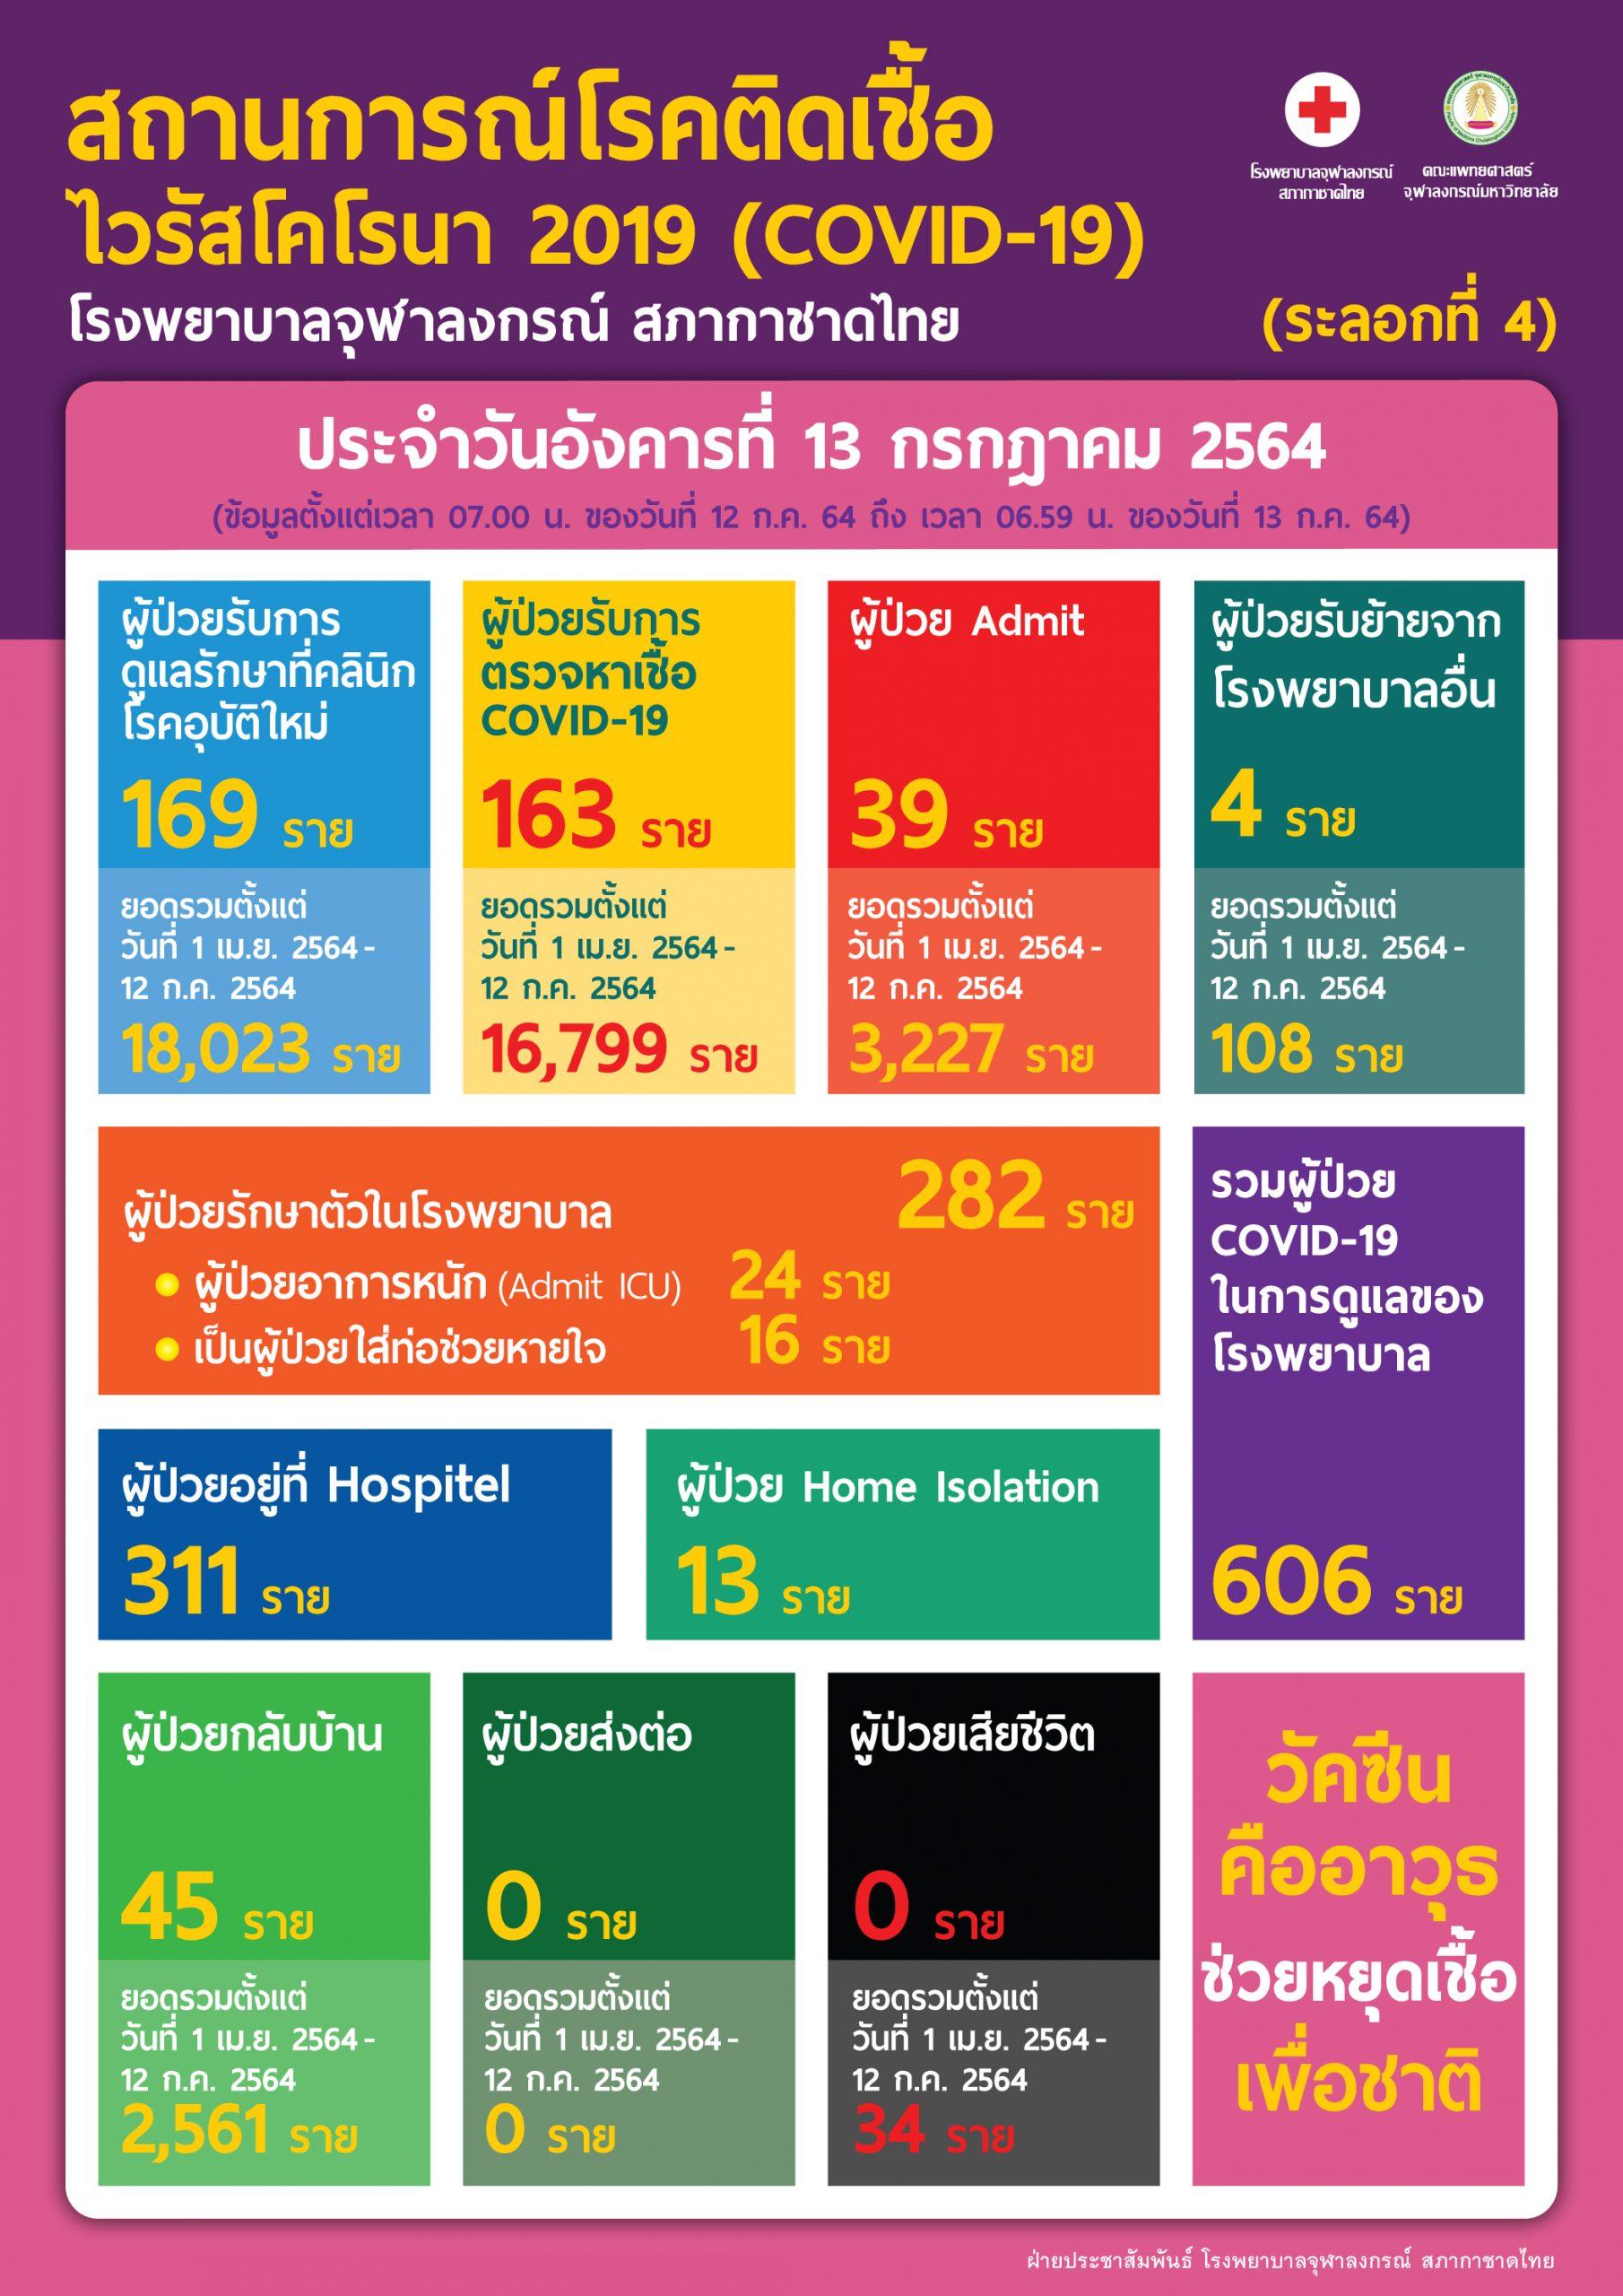 สถานการณ์โรคติดเชื้อไวรัสโคโรนา 2019 (COVID-19) (ระลอกที่ 4) โรงพยาบาลจุฬาลงกรณ์ สภากาชาดไทย ประจำวันอังคารที่ 13 กรกฎาคม 2564